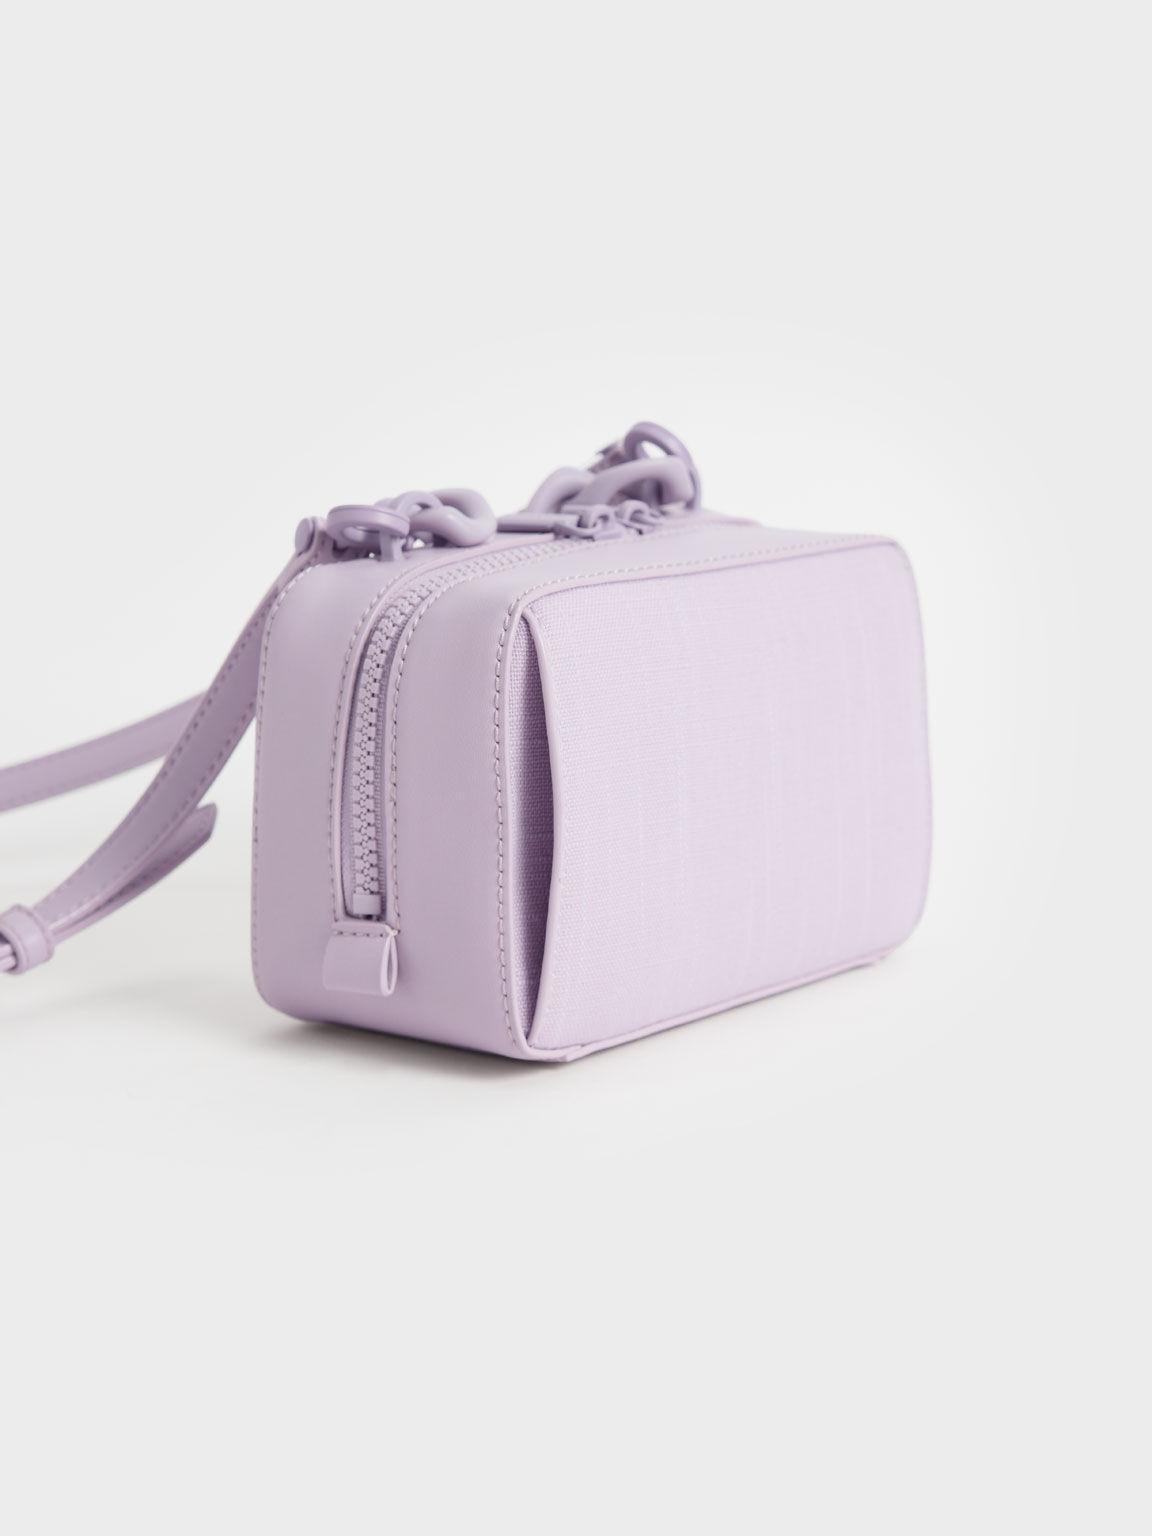 粗鍊麻質小方包, 紫丁香色, hi-res